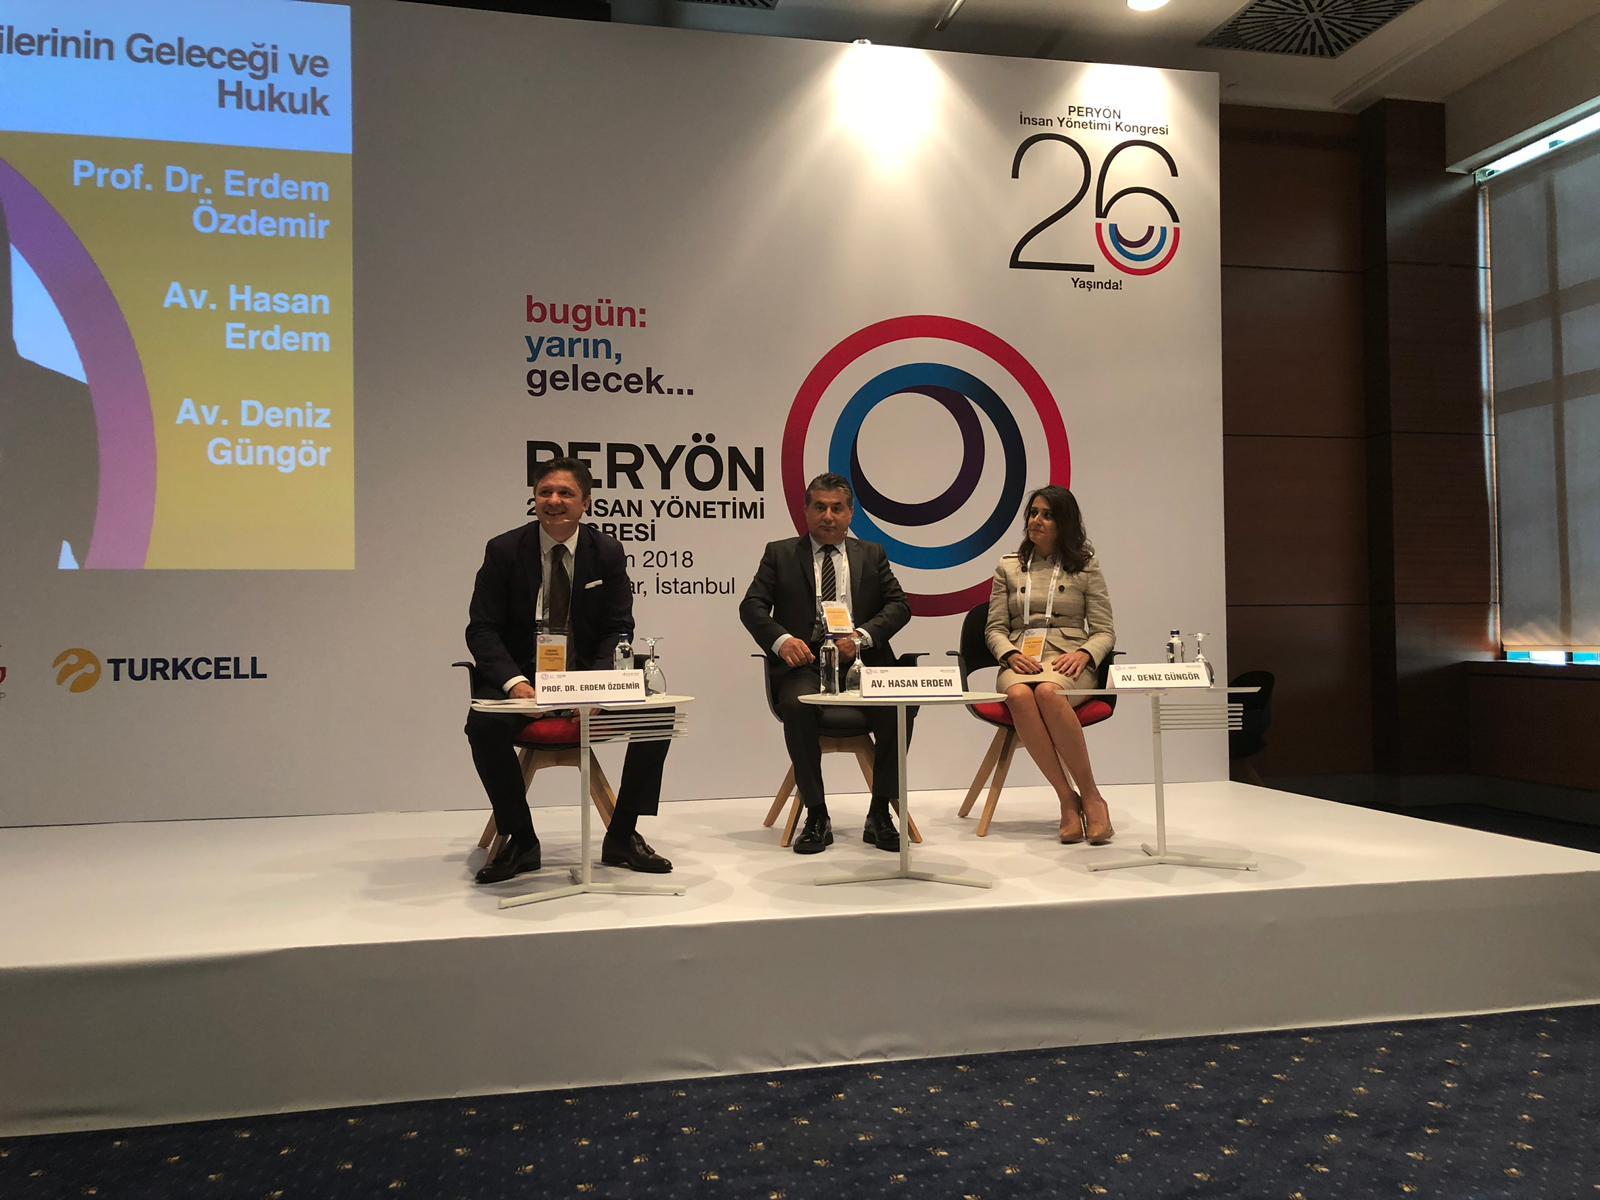 Türkiye İnsan Yönetimi Derneği (PERYÖN)